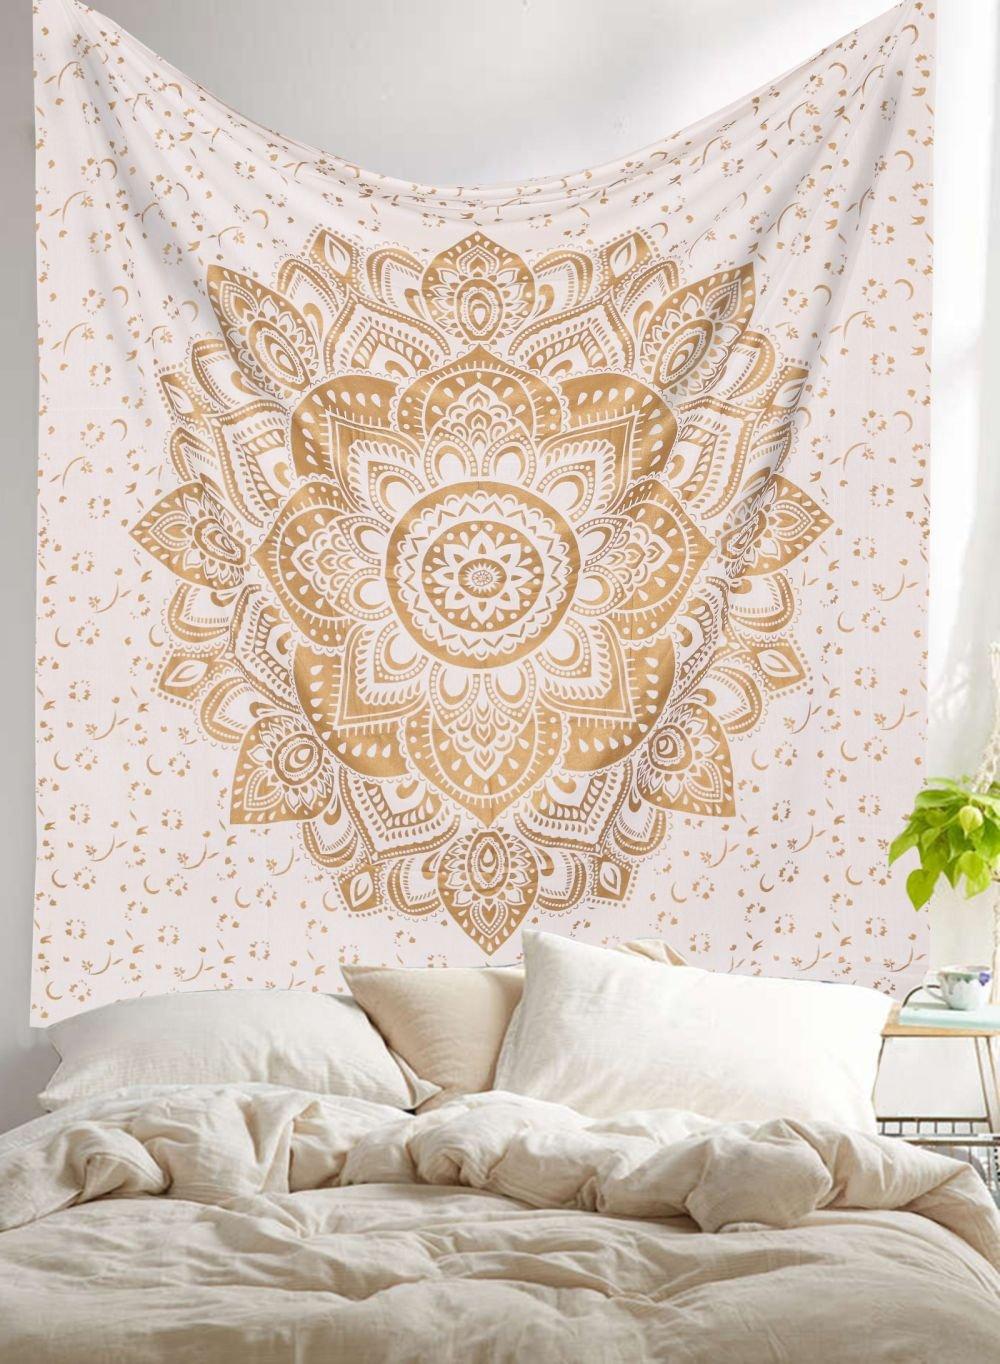 Esclusivo Original Gold Ombre Tapestry by Labhanshi biancheria da letto Ombre, Arazzo Mandala, Wall Art hippie Regina indiana Mandala, copriletto bohemien.